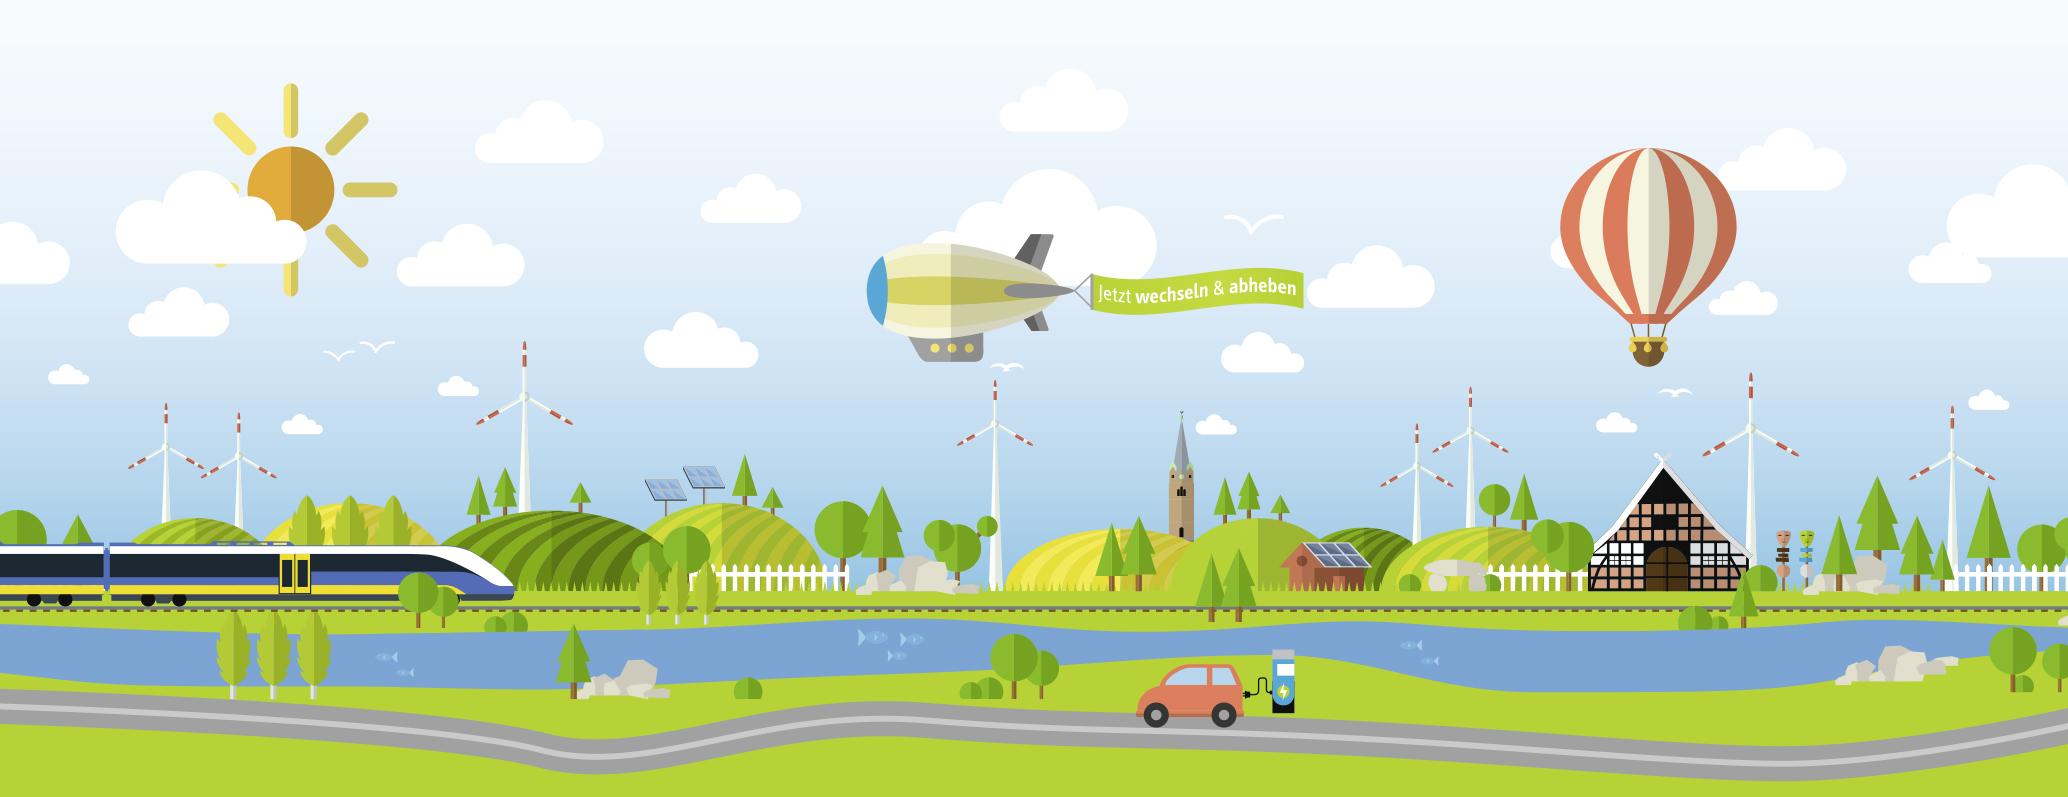 Illustrationen sind das Markenzeichen des Werbeauftritts von HaseEnergie. Online zu erreichen unter www.haseenergie.de.